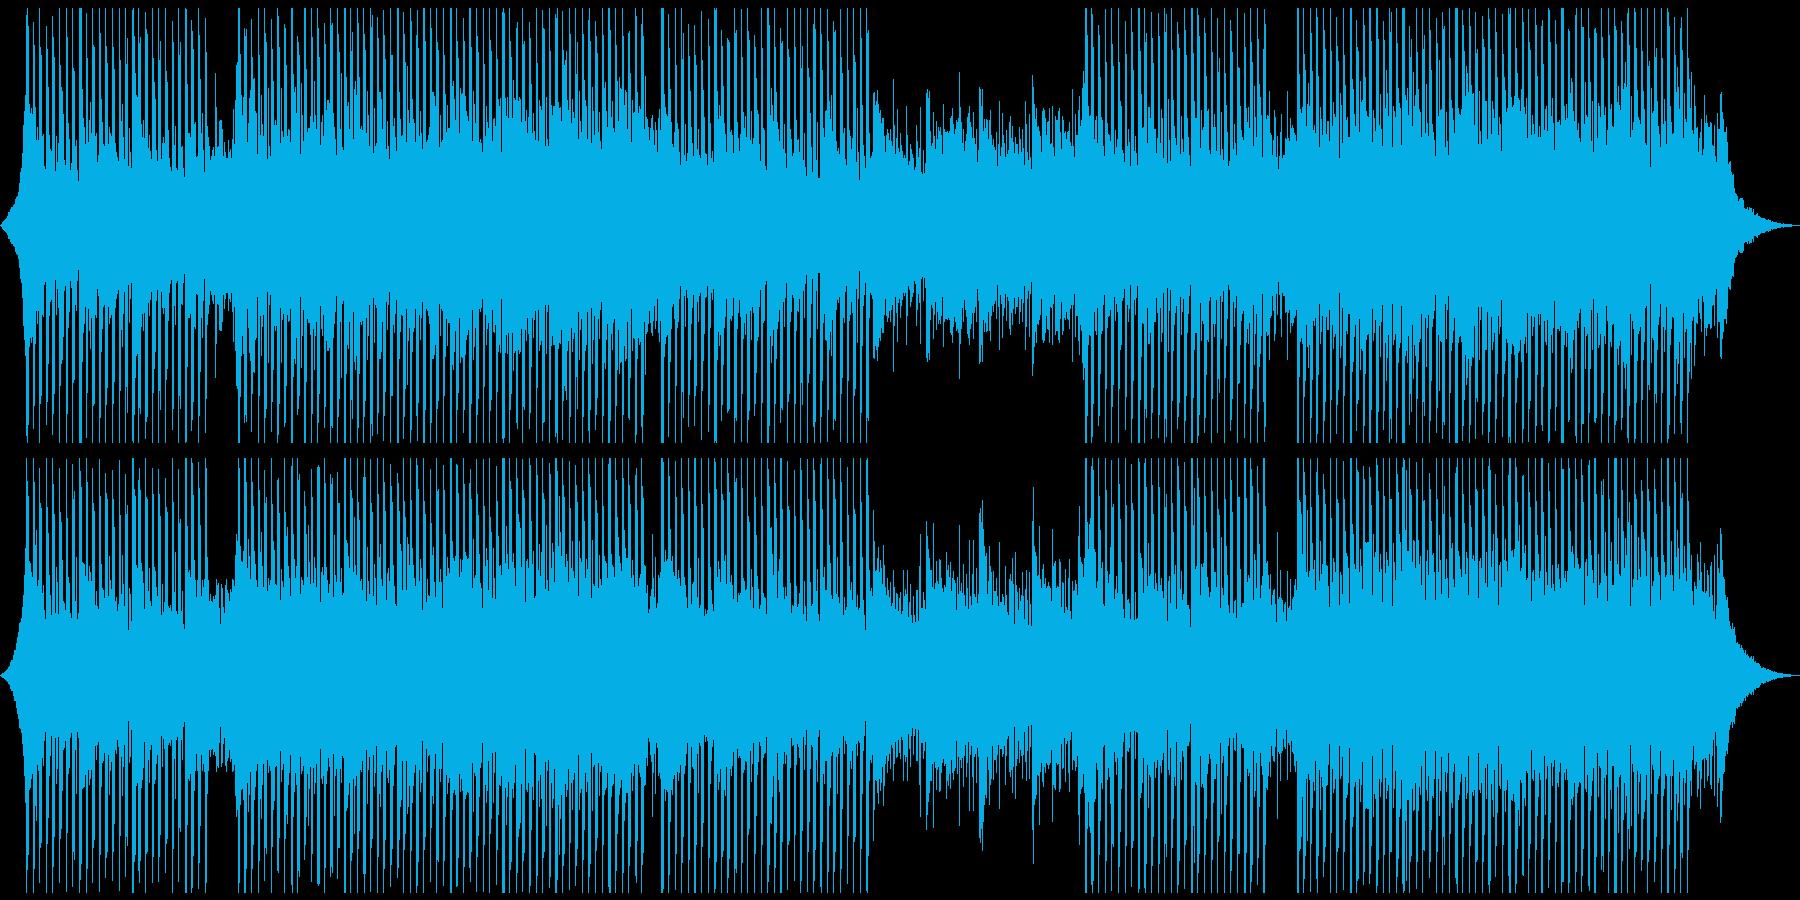 感動的で高揚感のあるエレガントな企業音楽の再生済みの波形